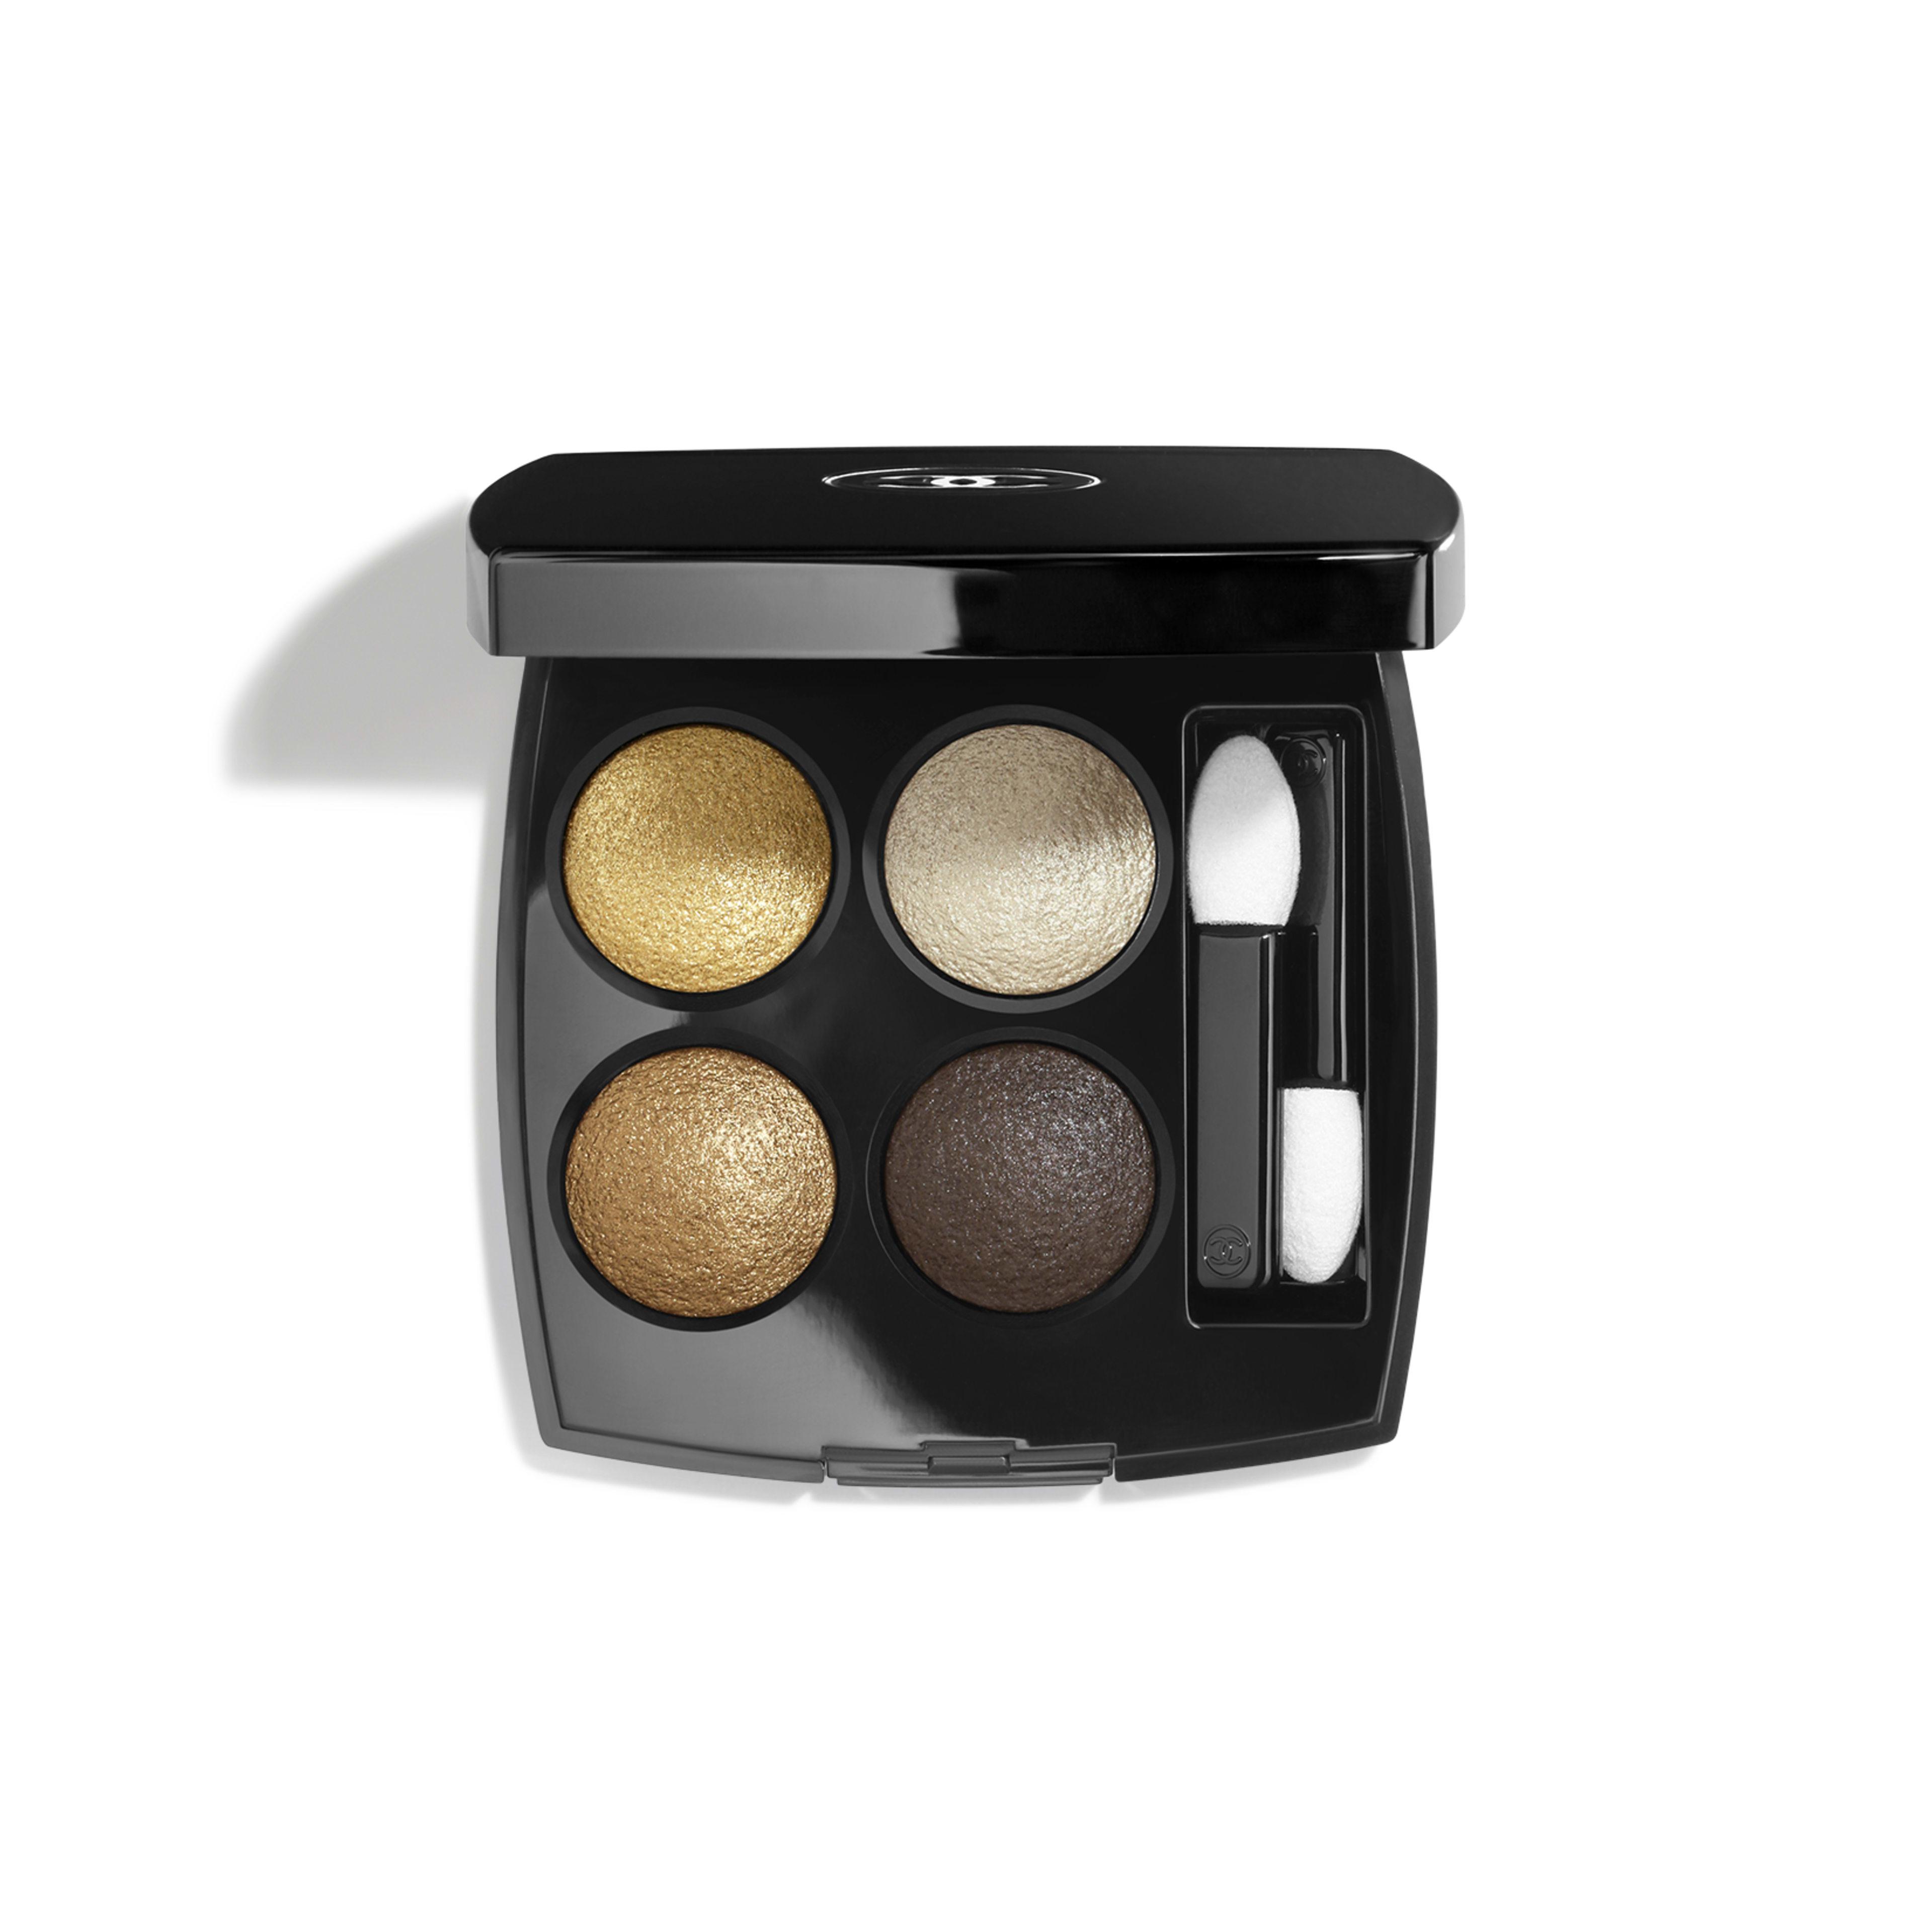 LES 4 OMBRES - makeup - 0.07OZ. - Default view